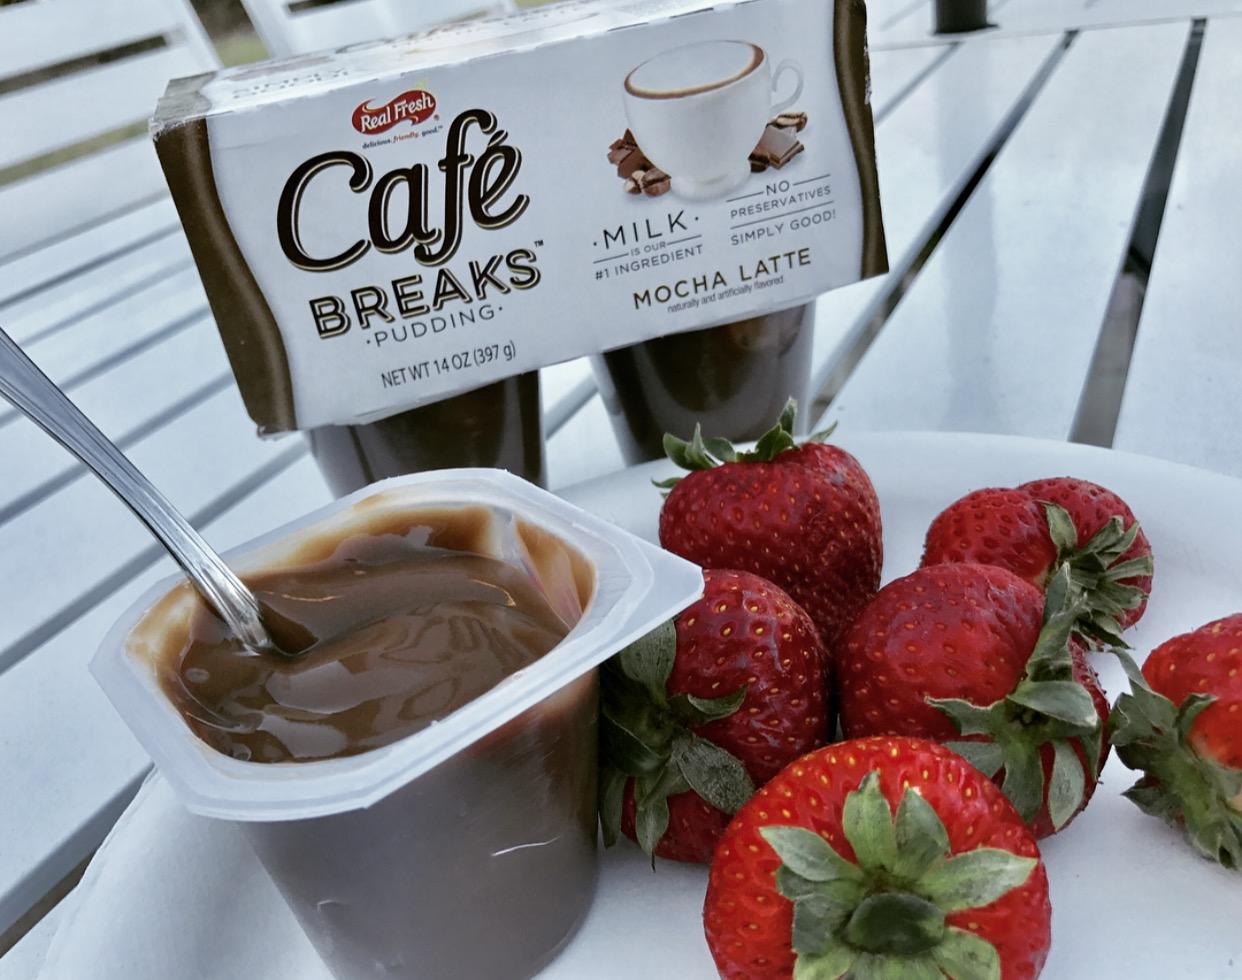 #lovecafebreaks #CafeBreaksMom #food #foodie #ad